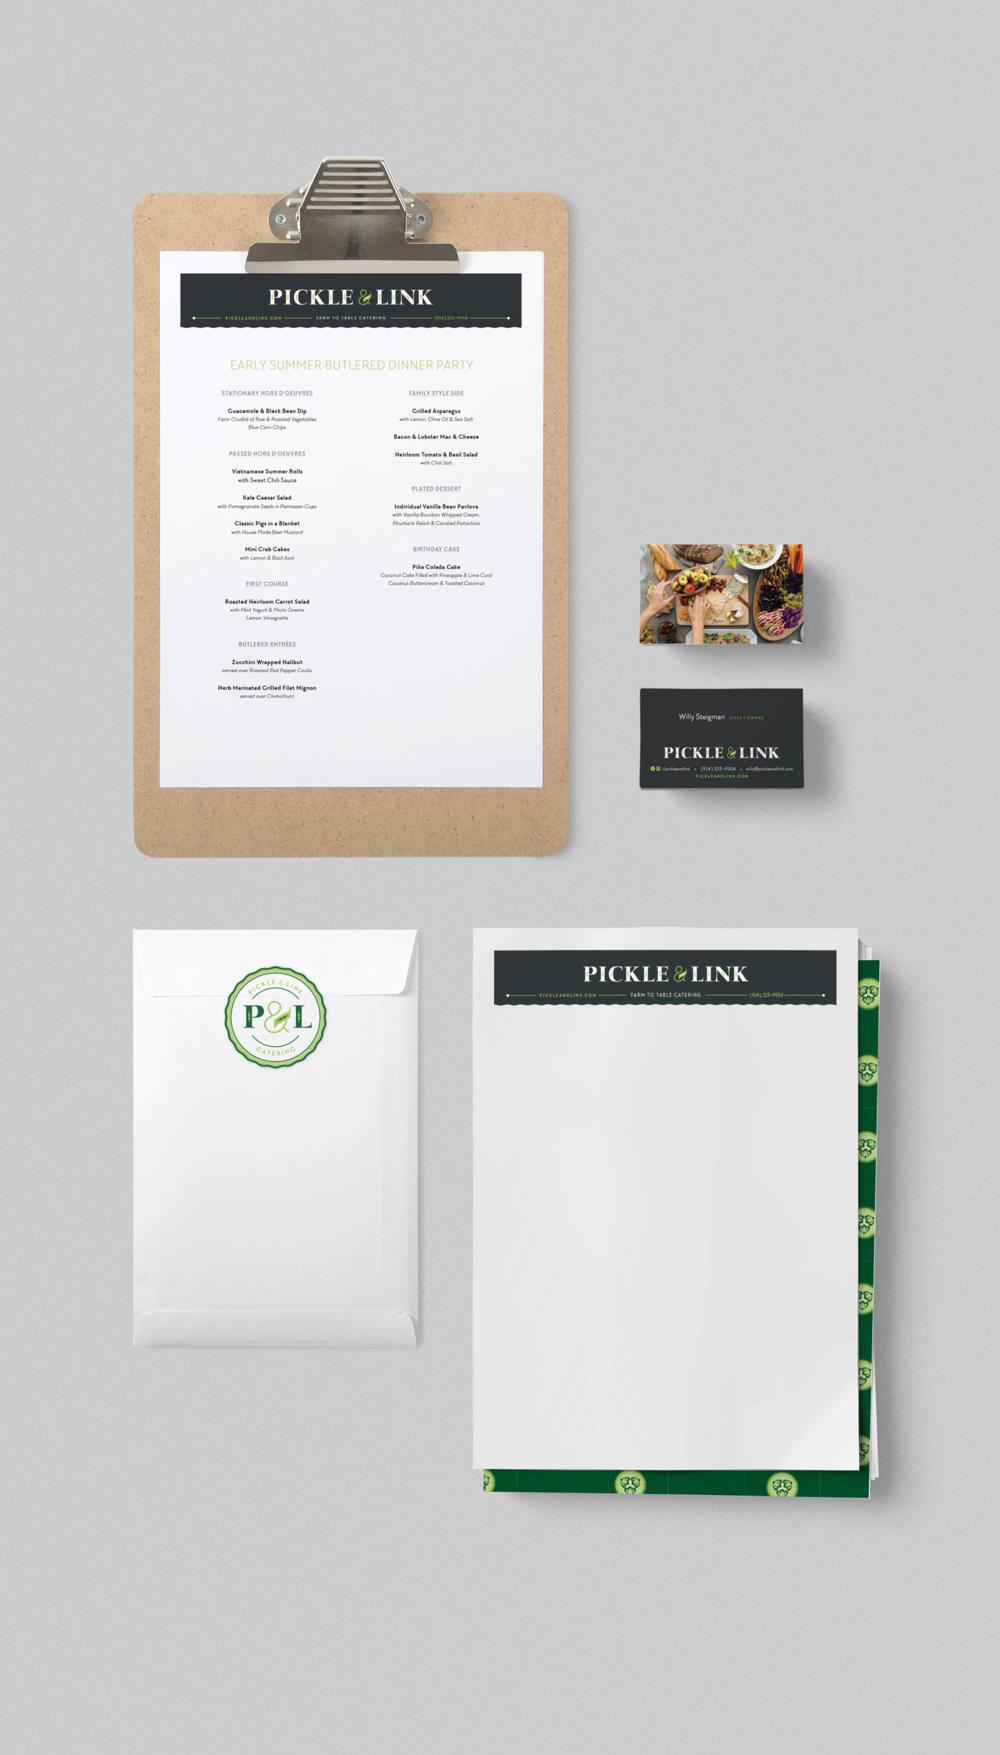 Client: Pickle & Link